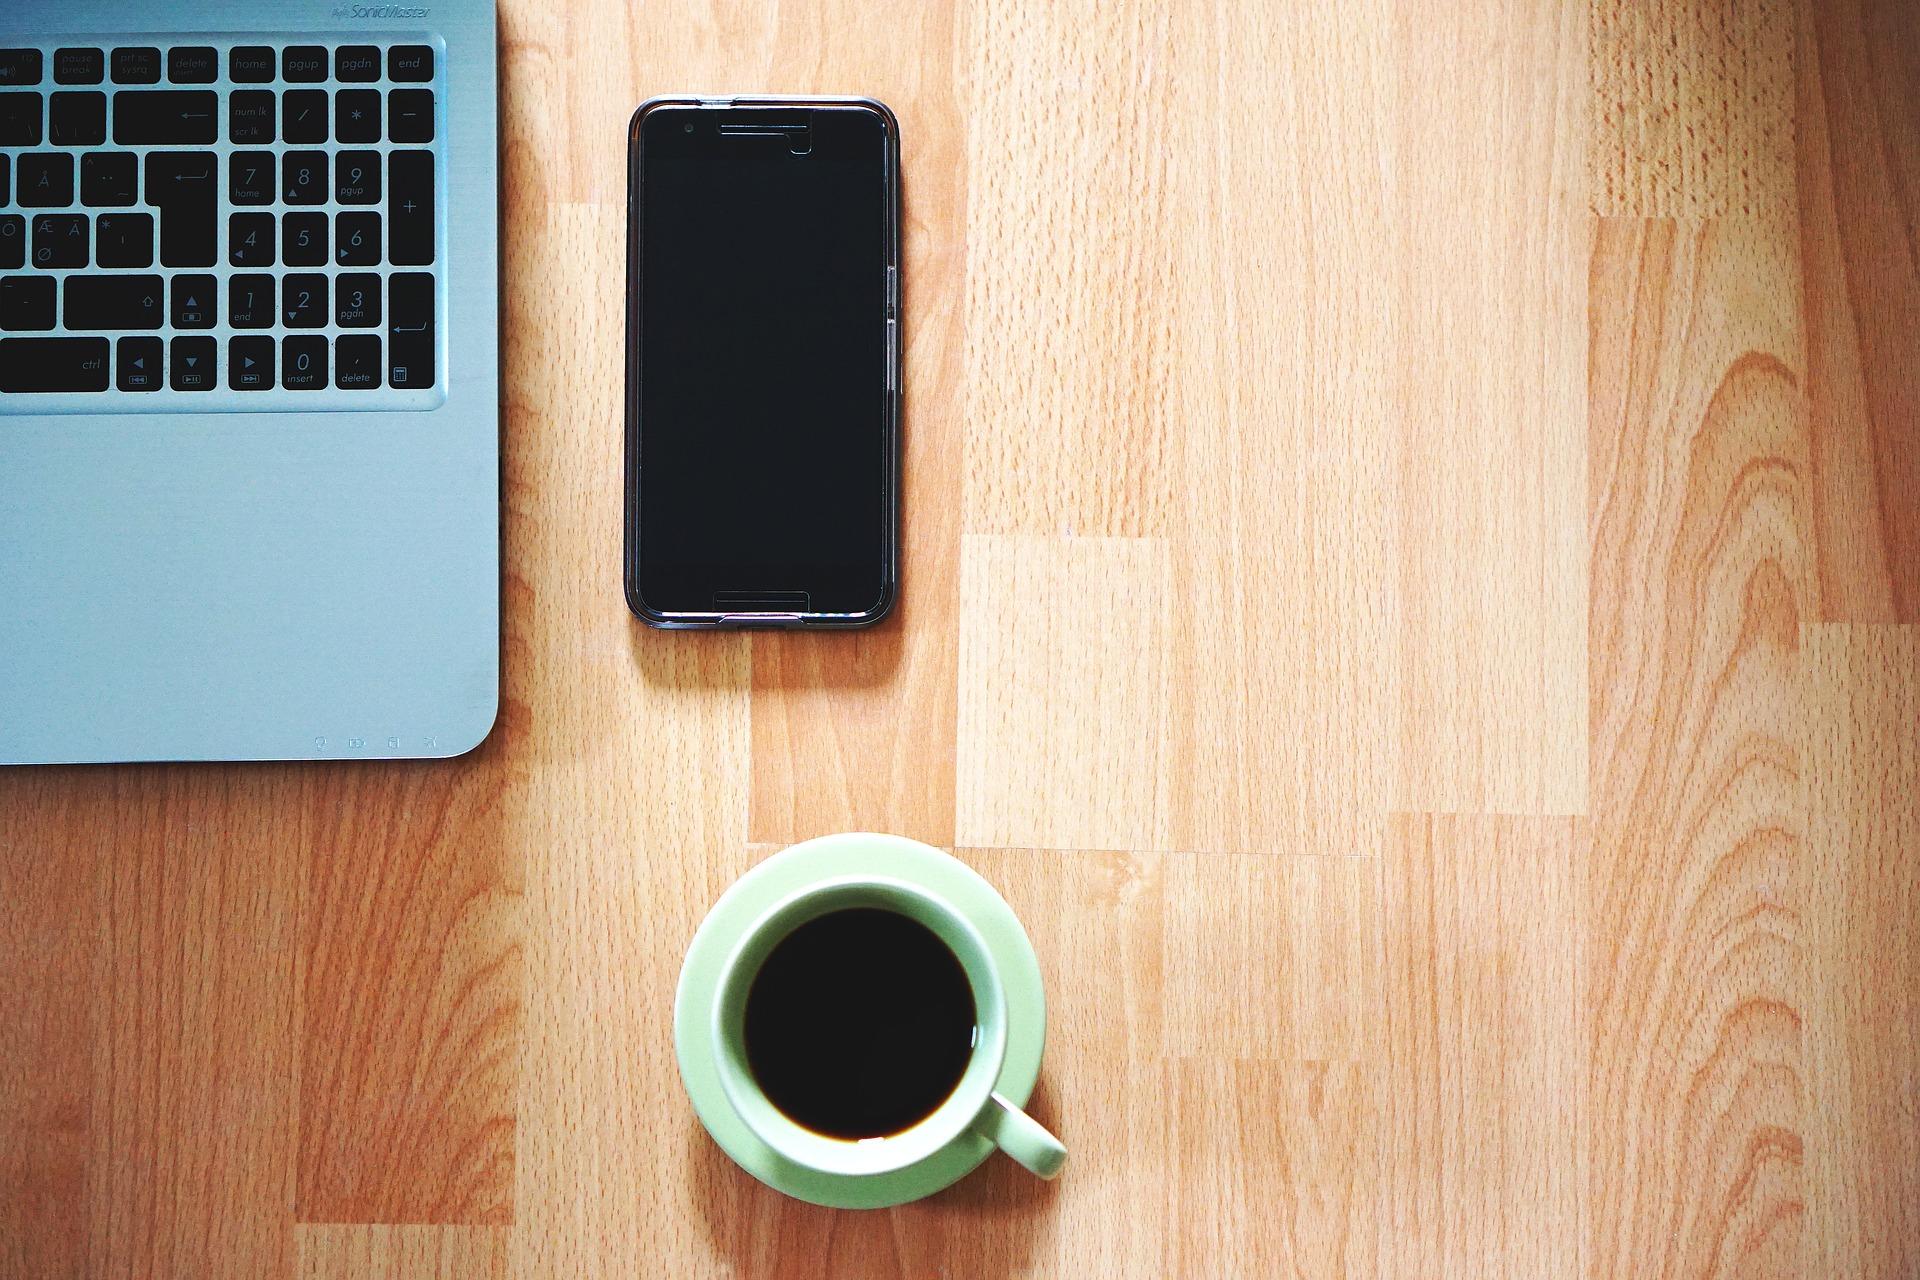 Labi apmaksāts papildu darbs mājās internetā, kā nopelnīt?